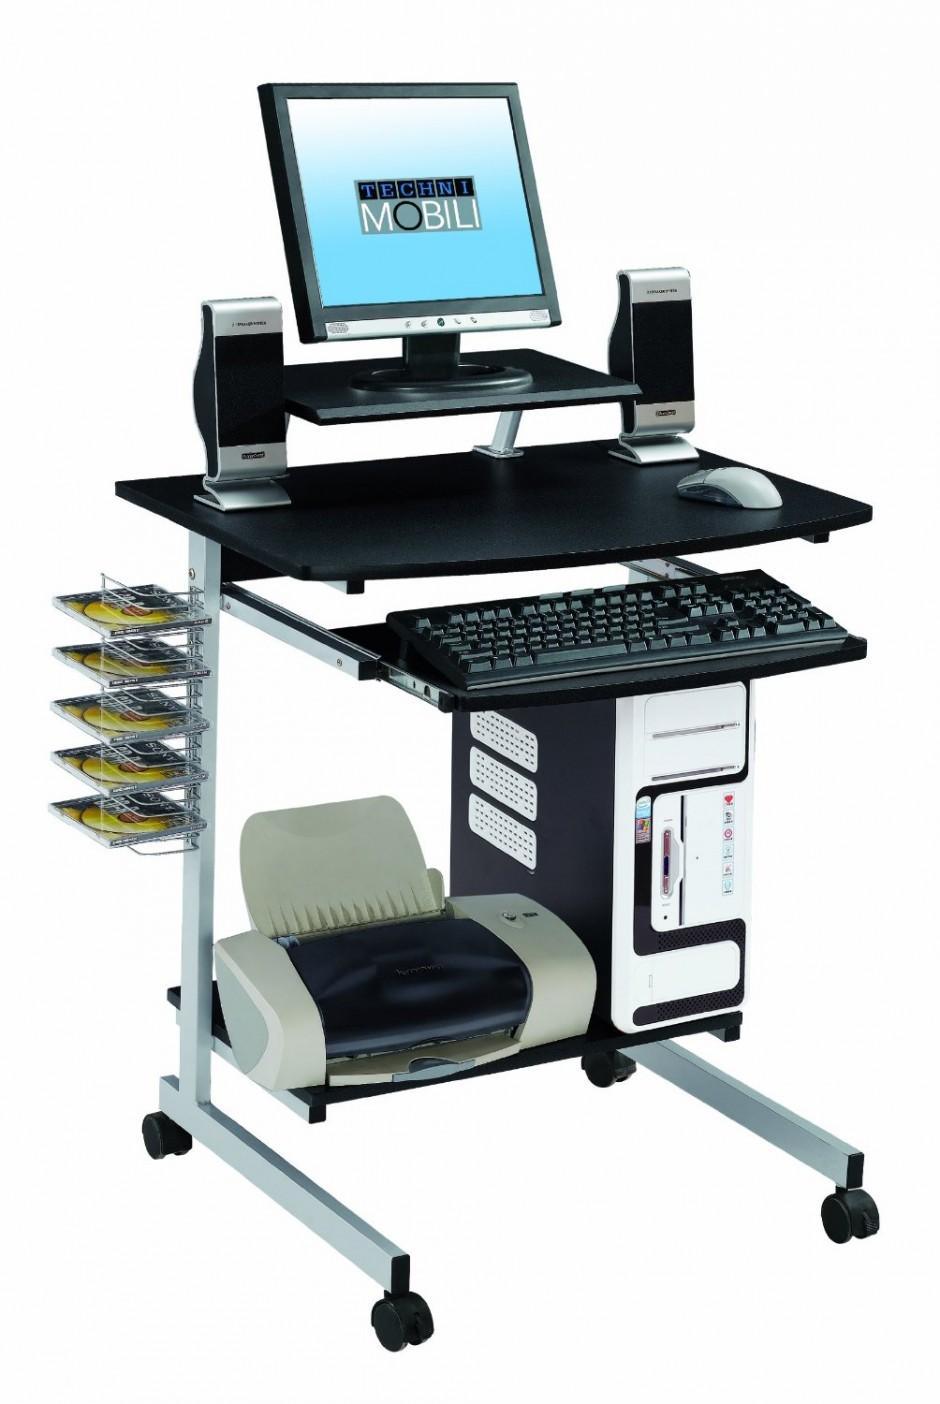 Bjs Computers | Techni Mobili | Techni Mobili Desks